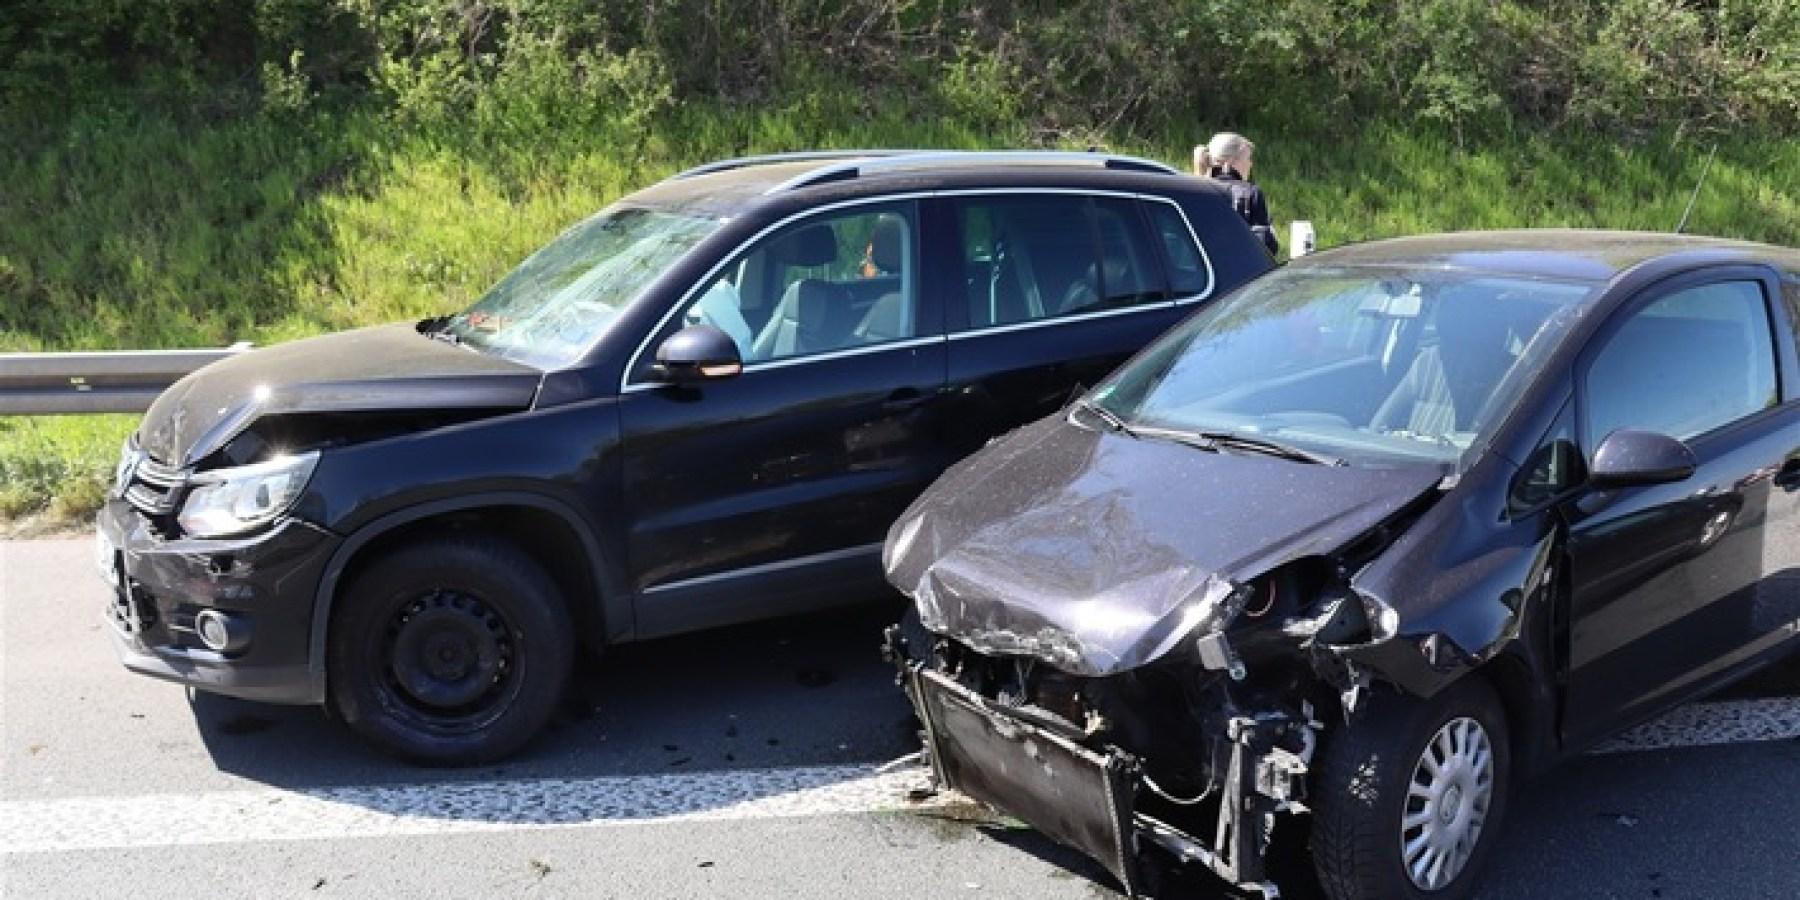 Unfall auf der A 43 – Ein Schwerverletzter und 17.500 Euro Sachschaden